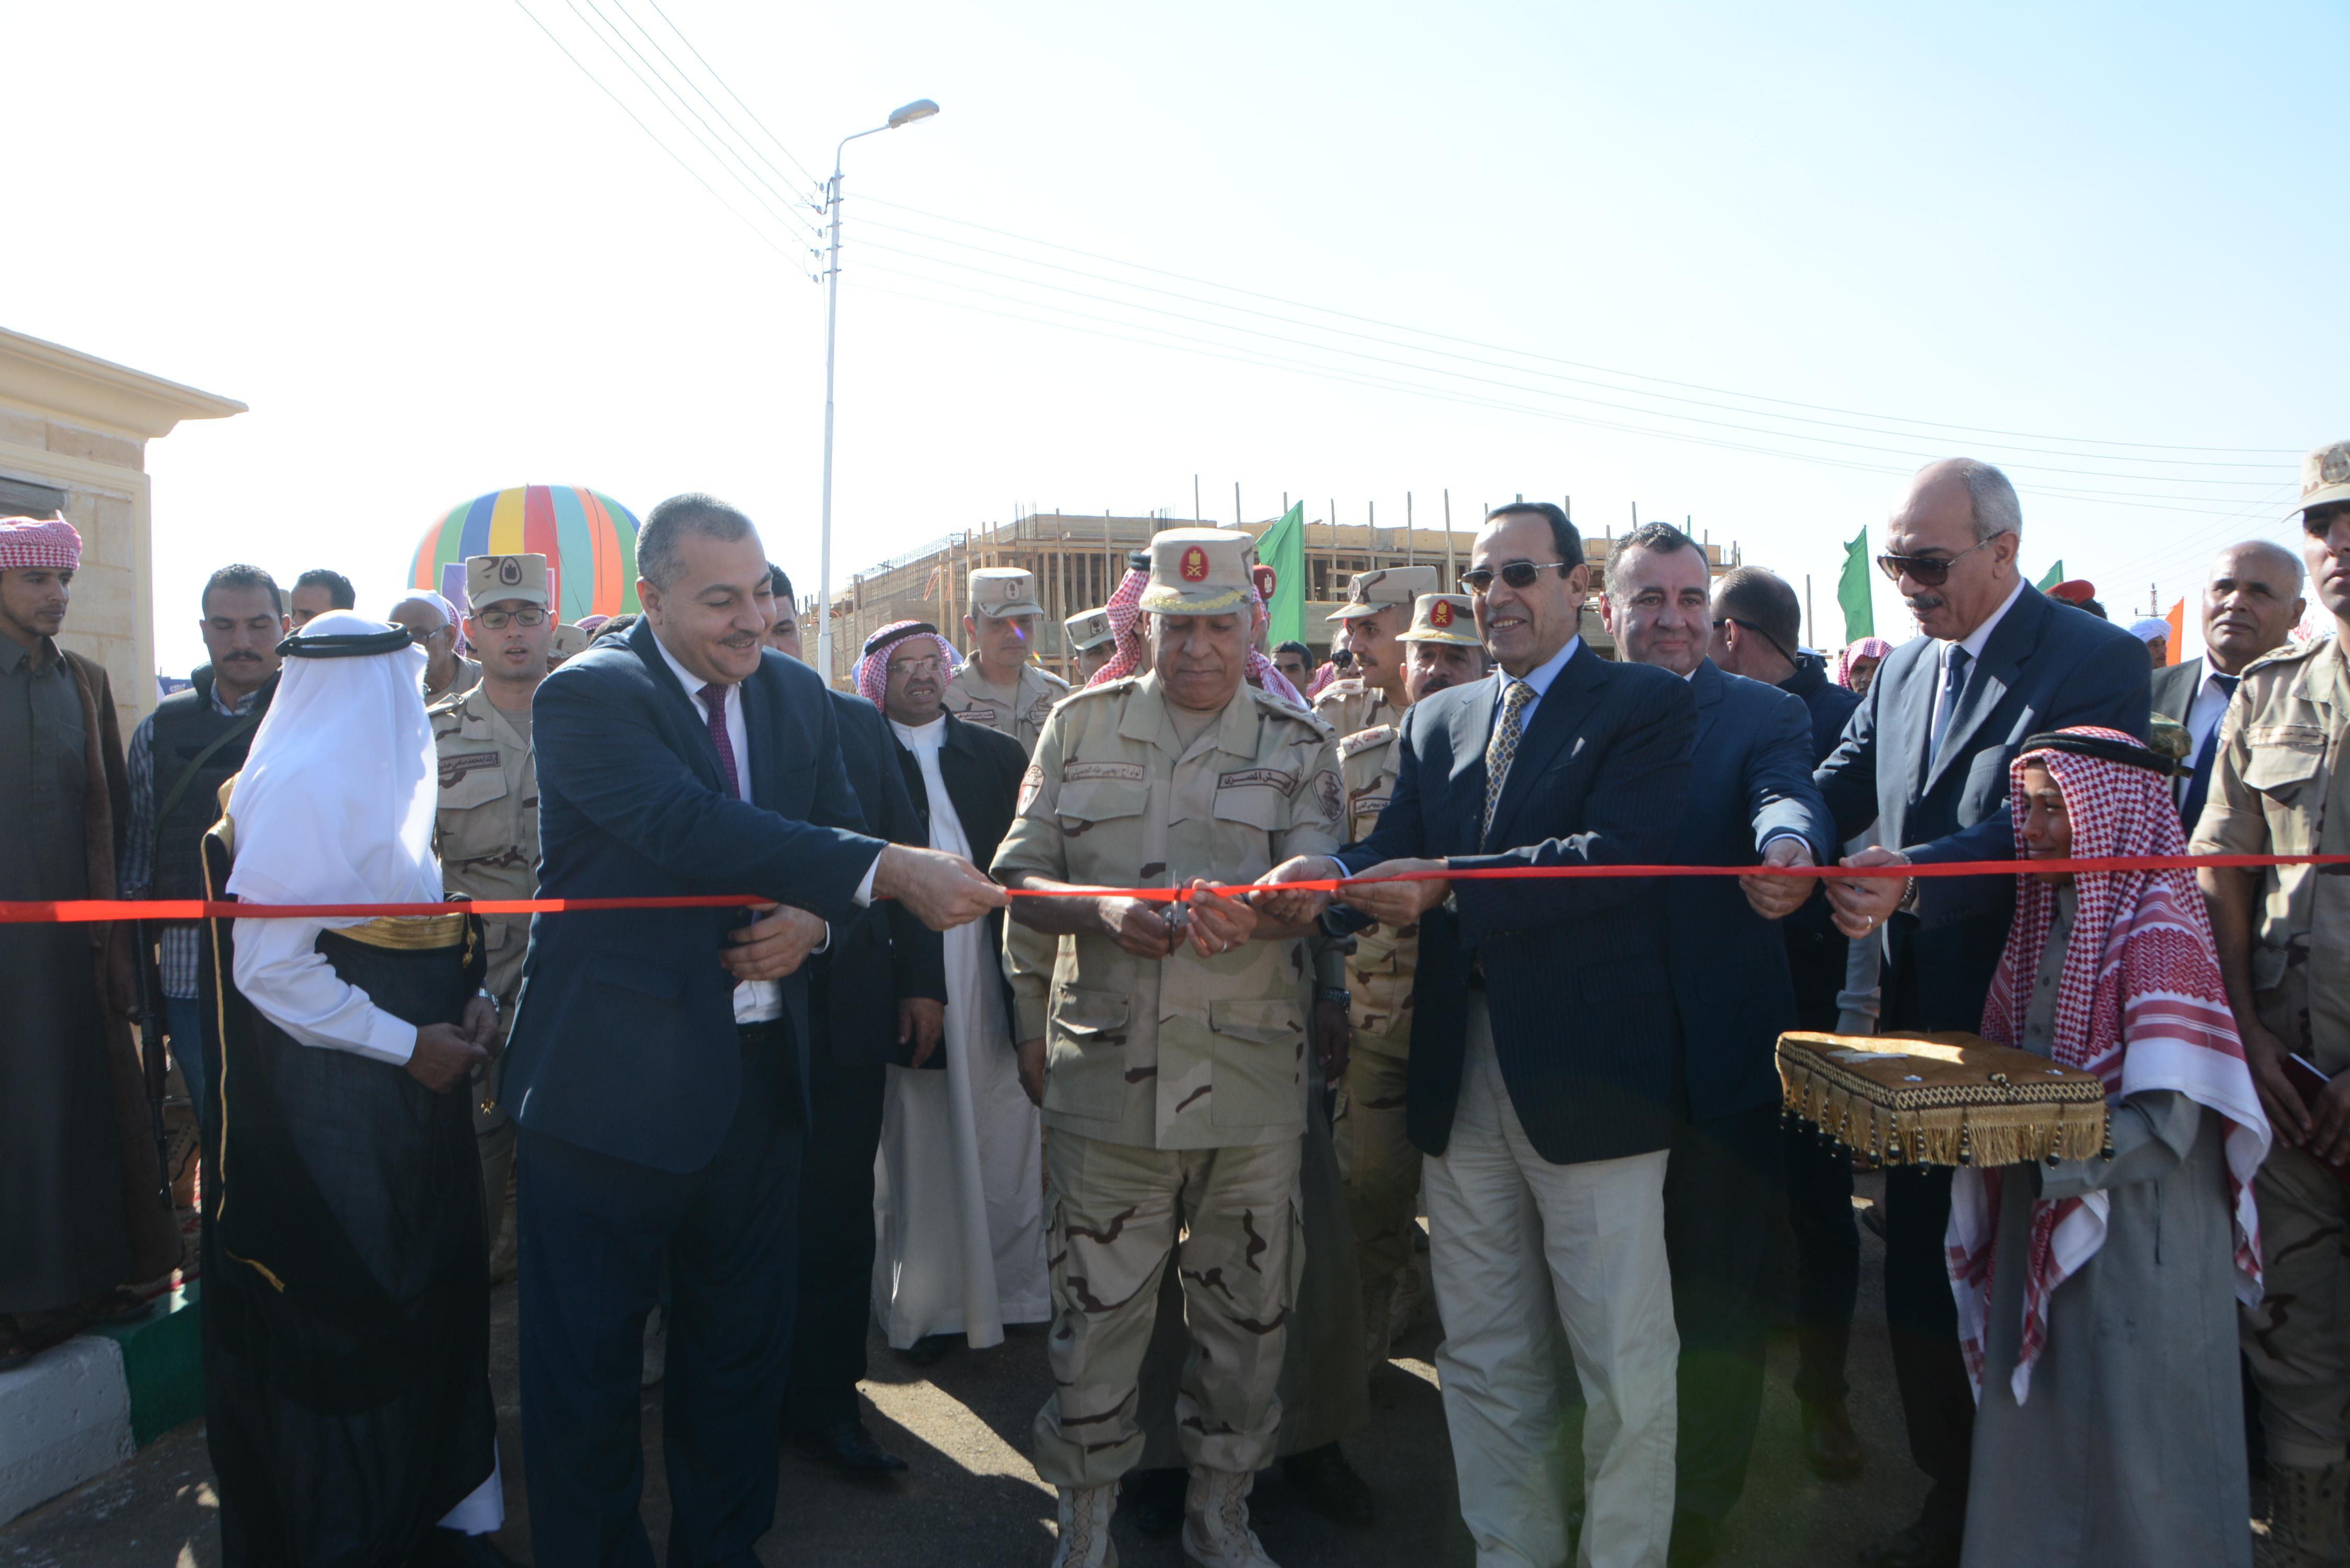 القوات المسلحة تنشئ تجمعاً حضارياً جديداً بوسط سيناء (3)